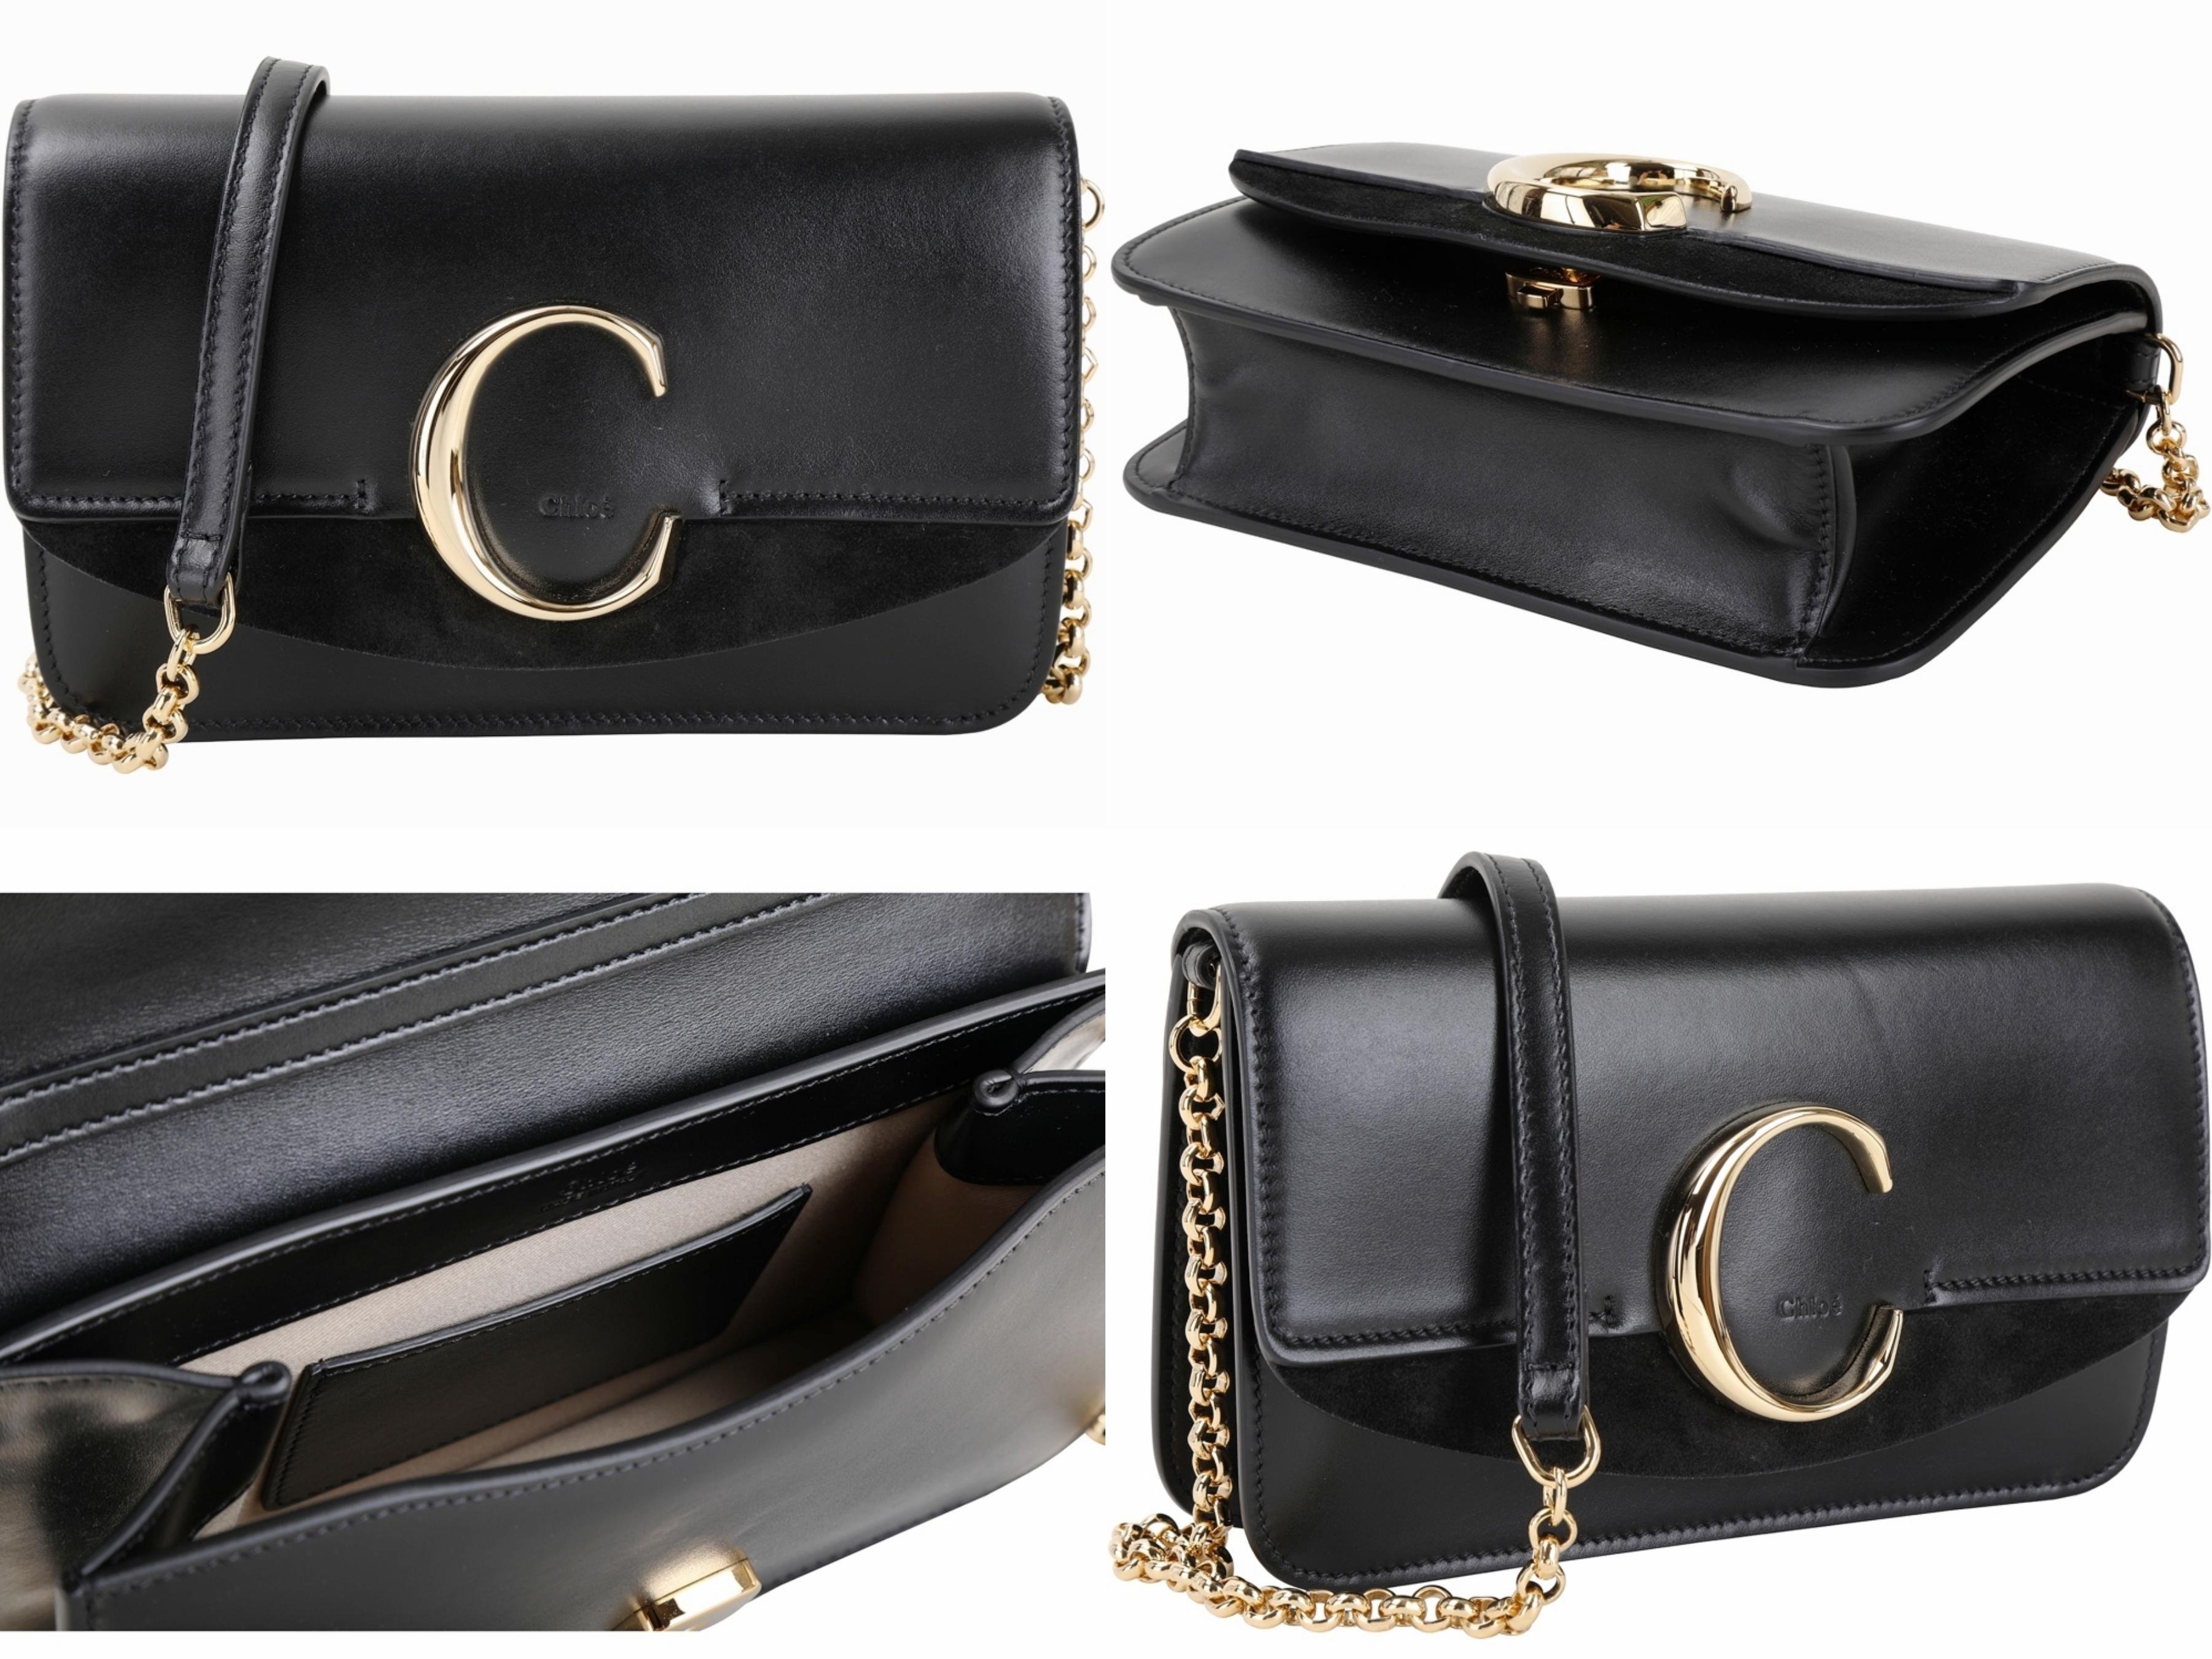 火熱人氣IT Bag 的Chloe C包款系列,最大特色正中央的搶眼「C」字經典金屬配件